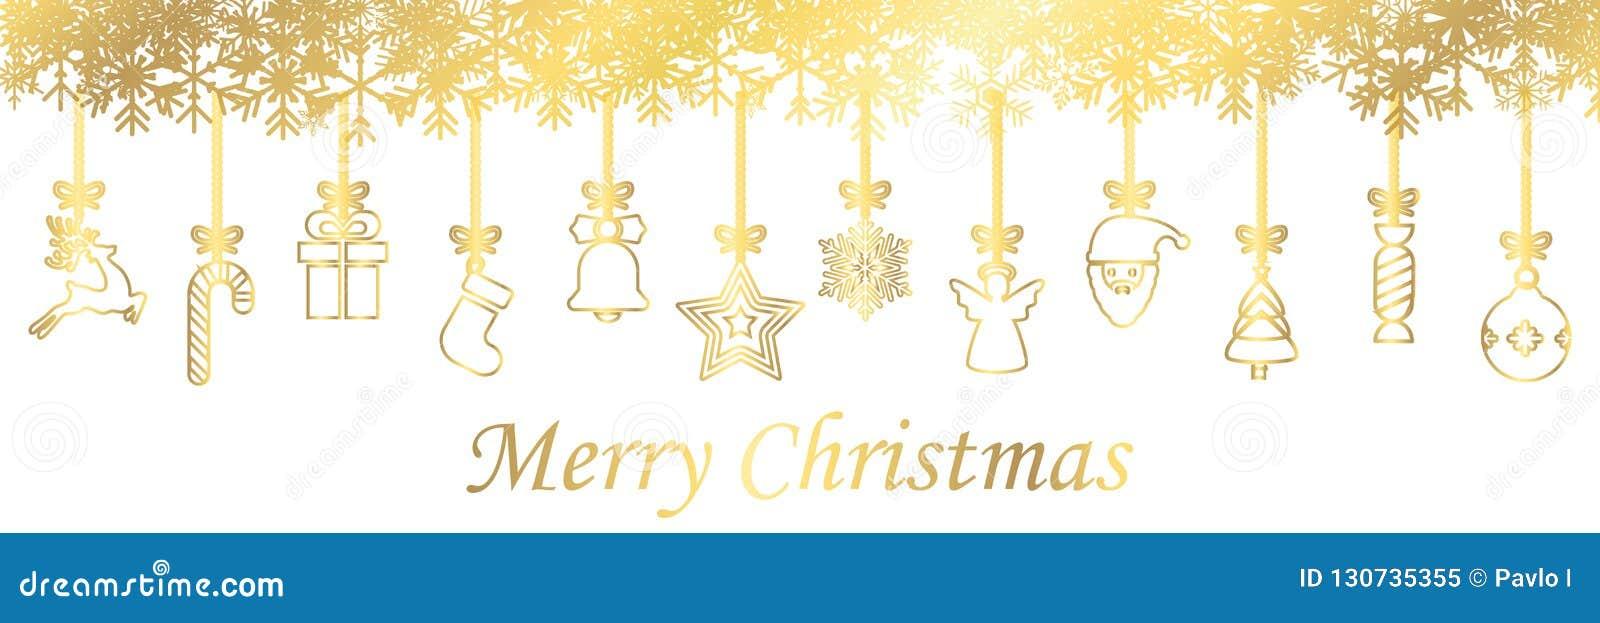 Fahnen von den verschiedenen goldenen hängenden Weihnachtssymbolikonen, frohe Weihnachten, guten Rutsch ins Neue Jahr - Vektor